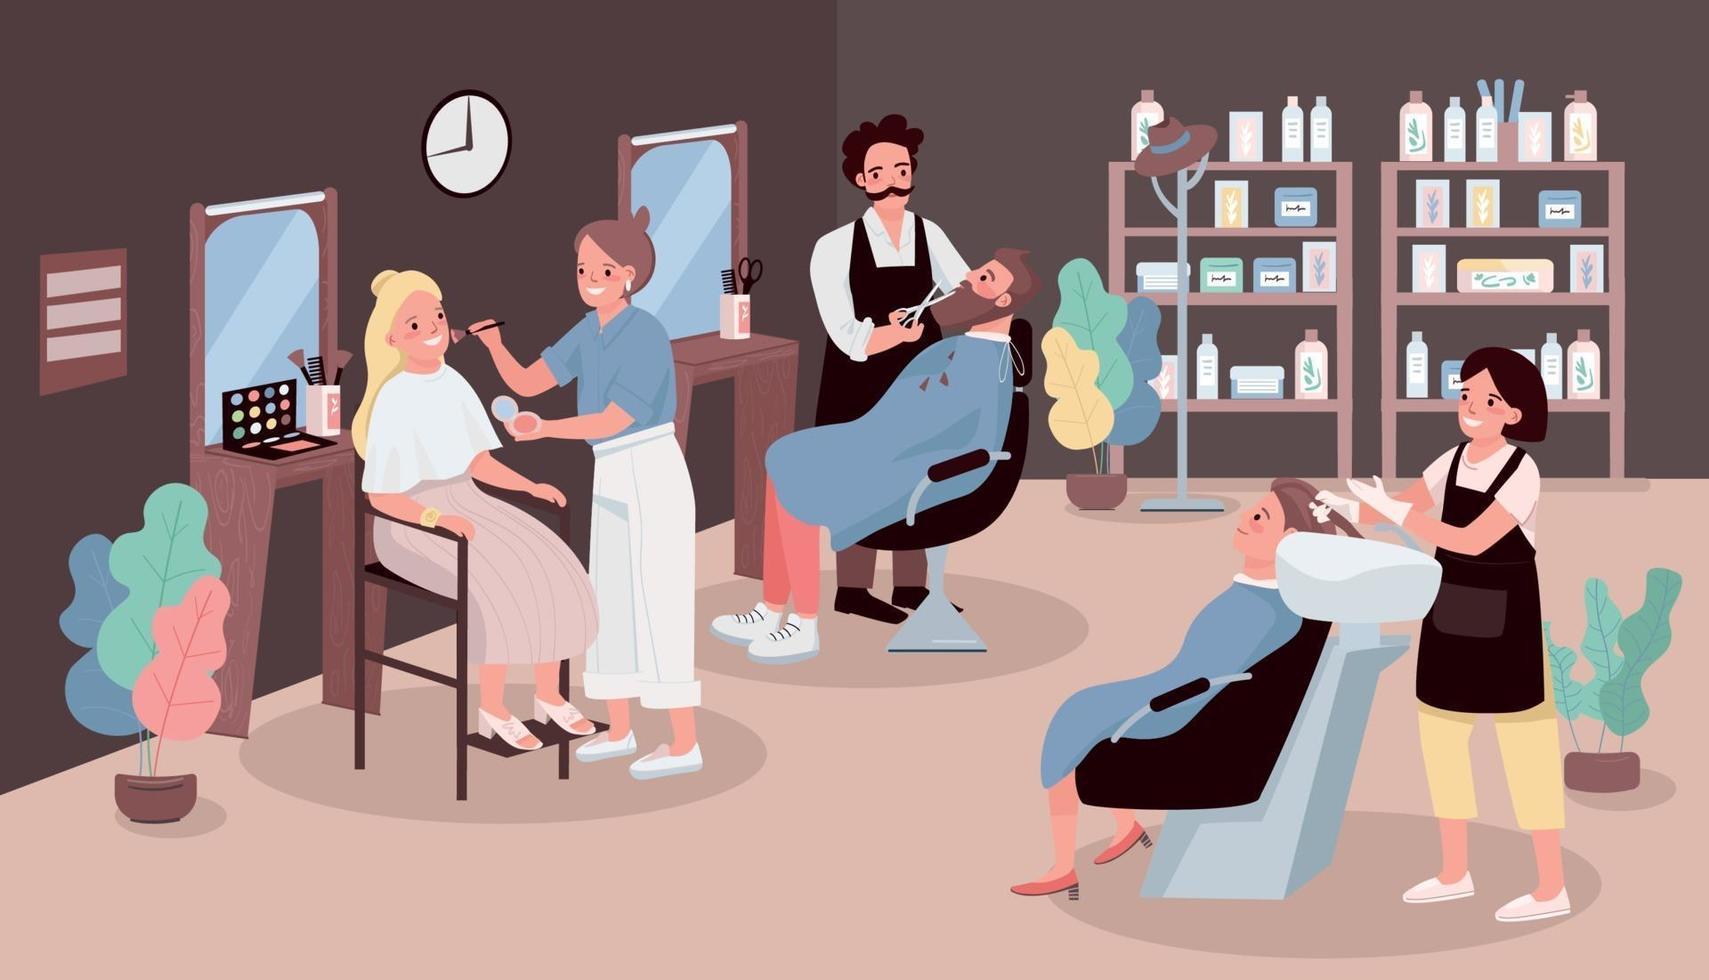 frisörsalong platt färg vektorillustration. man skär skägg. frisör tvättar kvinnans hår. konstnär applicera smink. stylister 2d seriefigurer med skönhetssalongmöbler på bakgrunden vektor